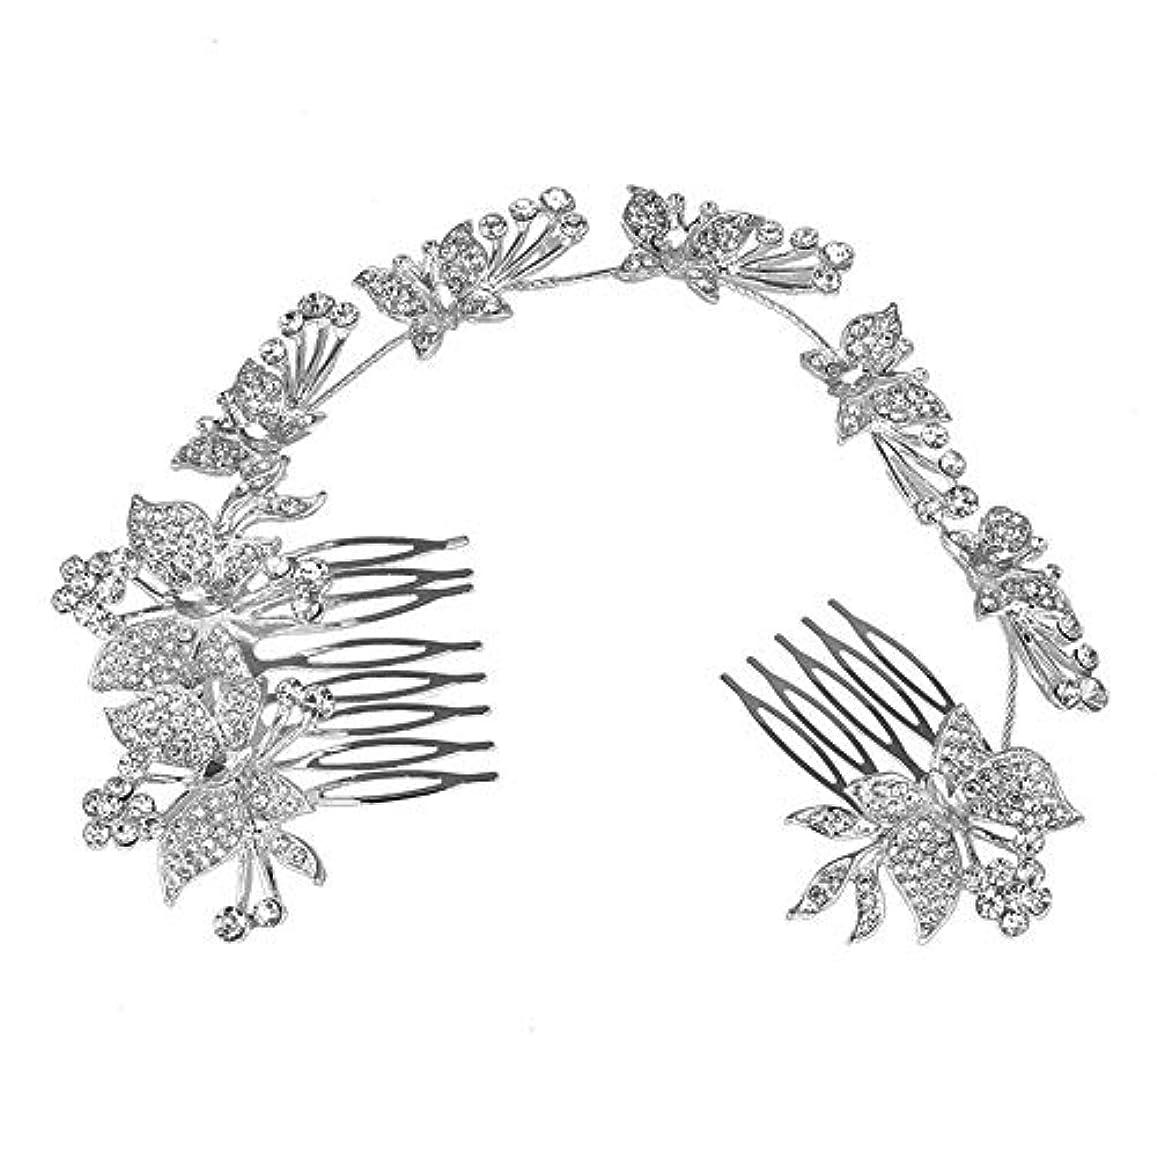 記念碑的な検査メモ髪の櫛、櫛、蝶、髪の櫛、ブライダル髪の櫛、結婚式の髪の櫛、ラインストーンの櫛、ヘッドギア